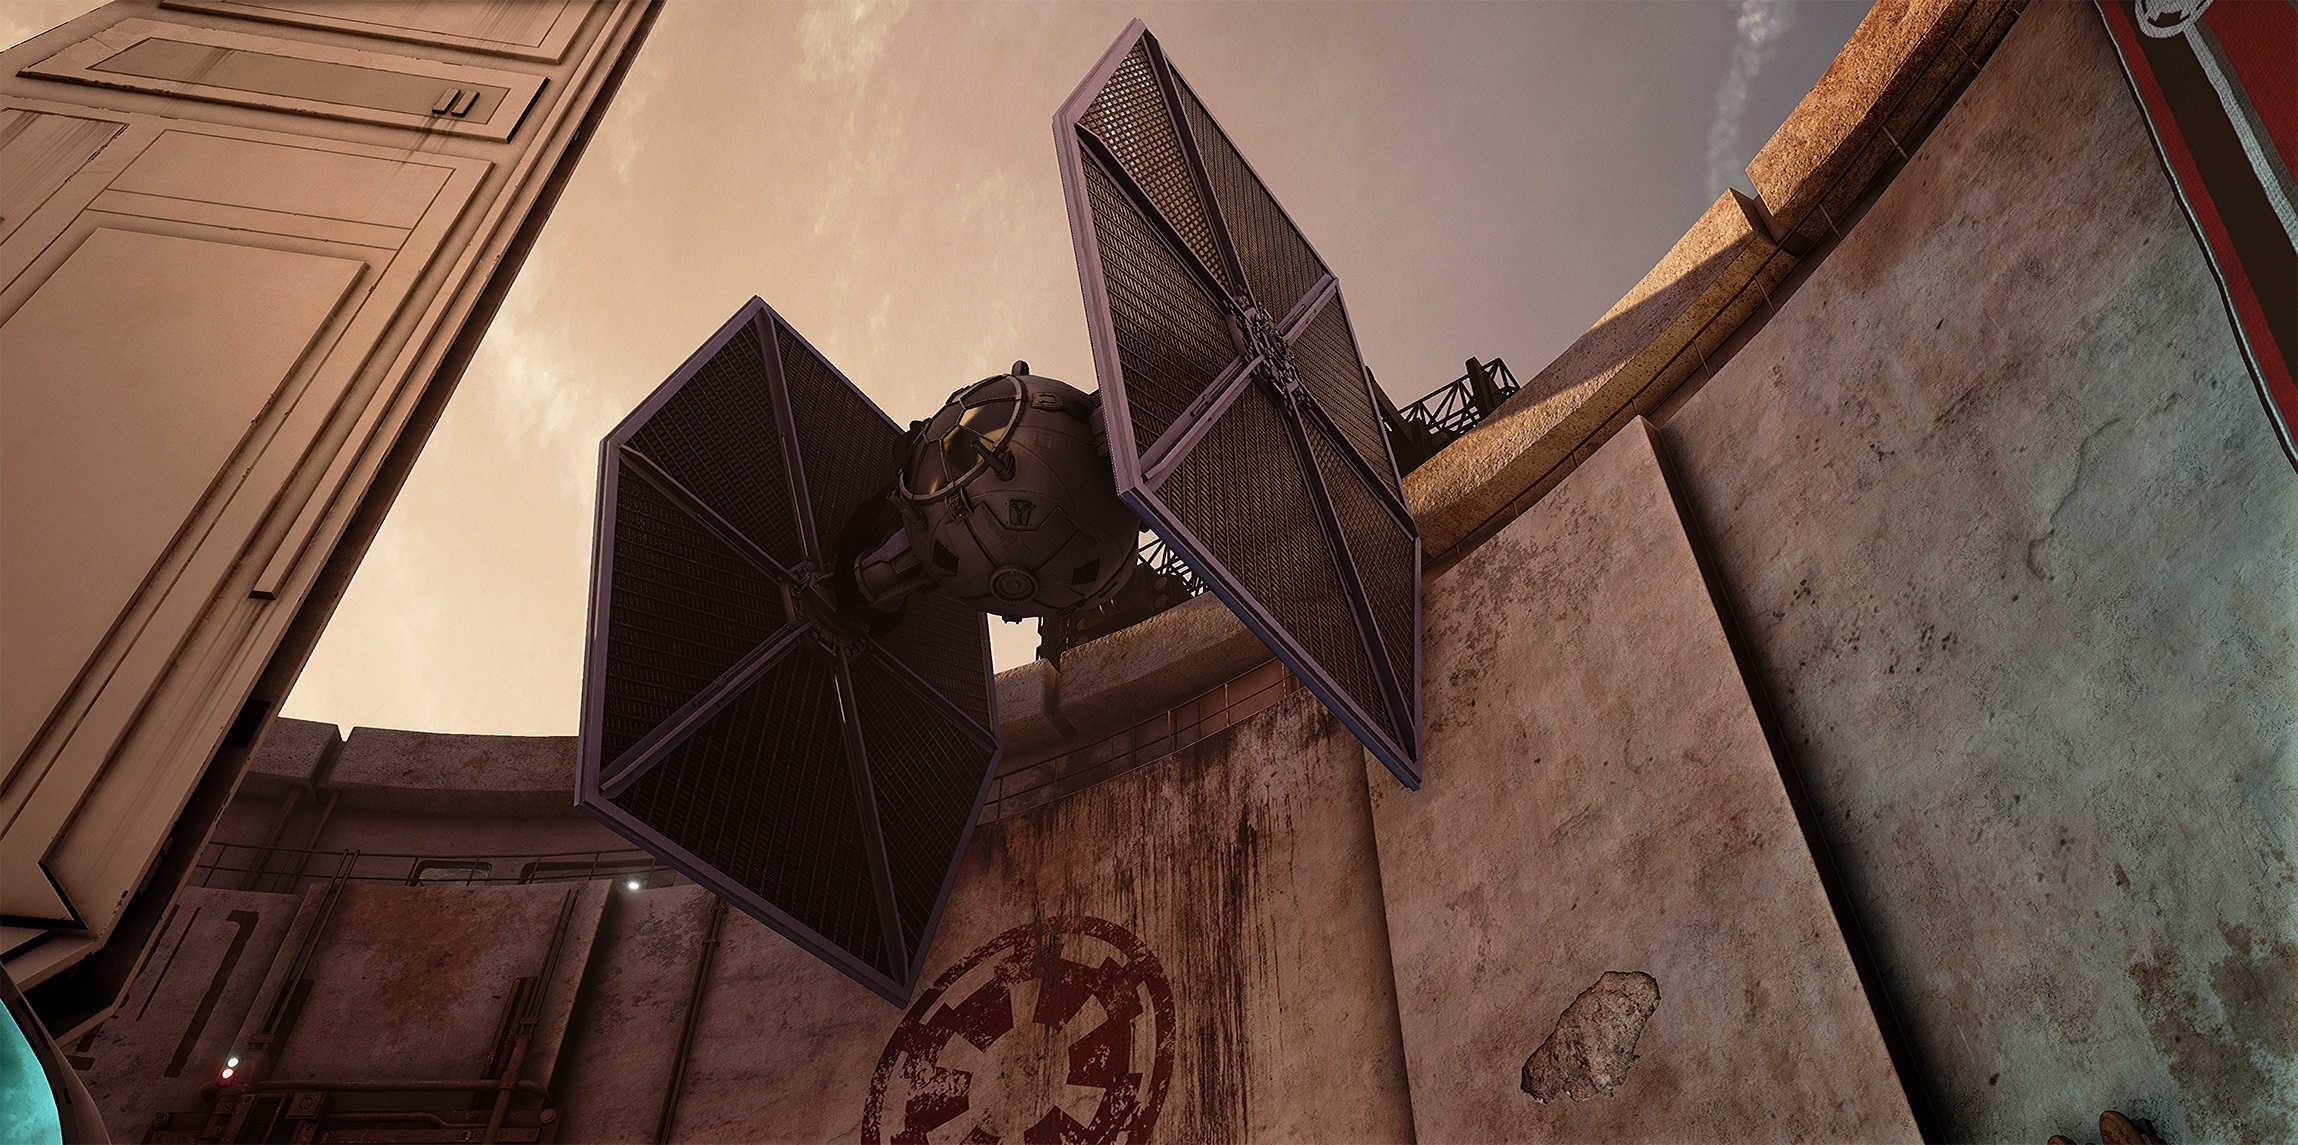 Vývojáři z Obsidianu vytvořili překrásnou Star Wars scenérii v enginu Unreal 4 130545